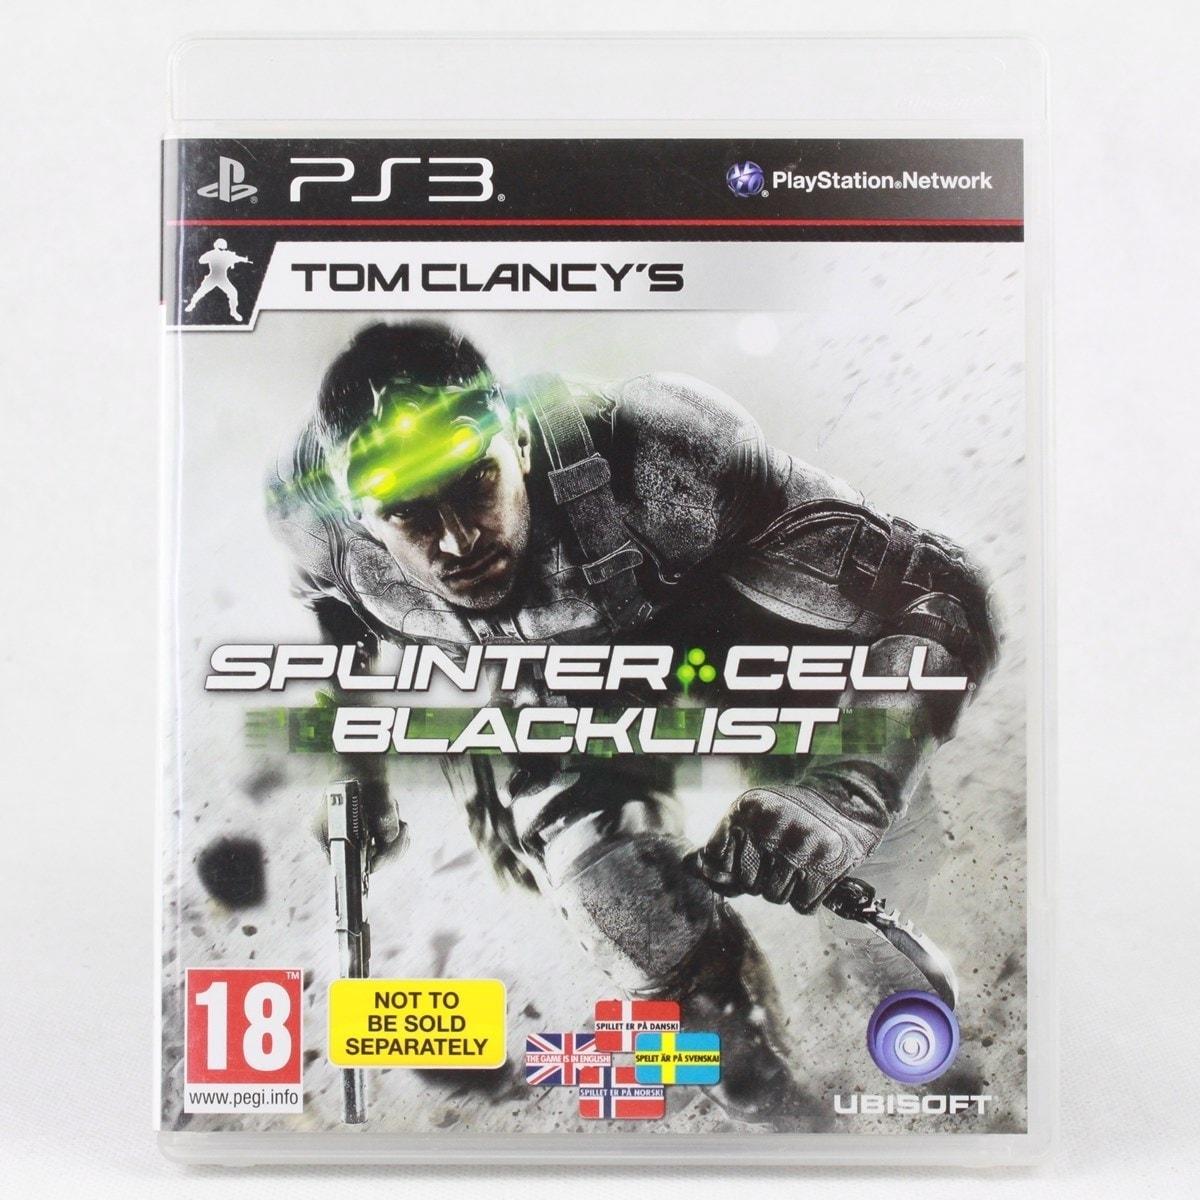 Tom Clancy's Splinter Cell: Blacklist (PS3)